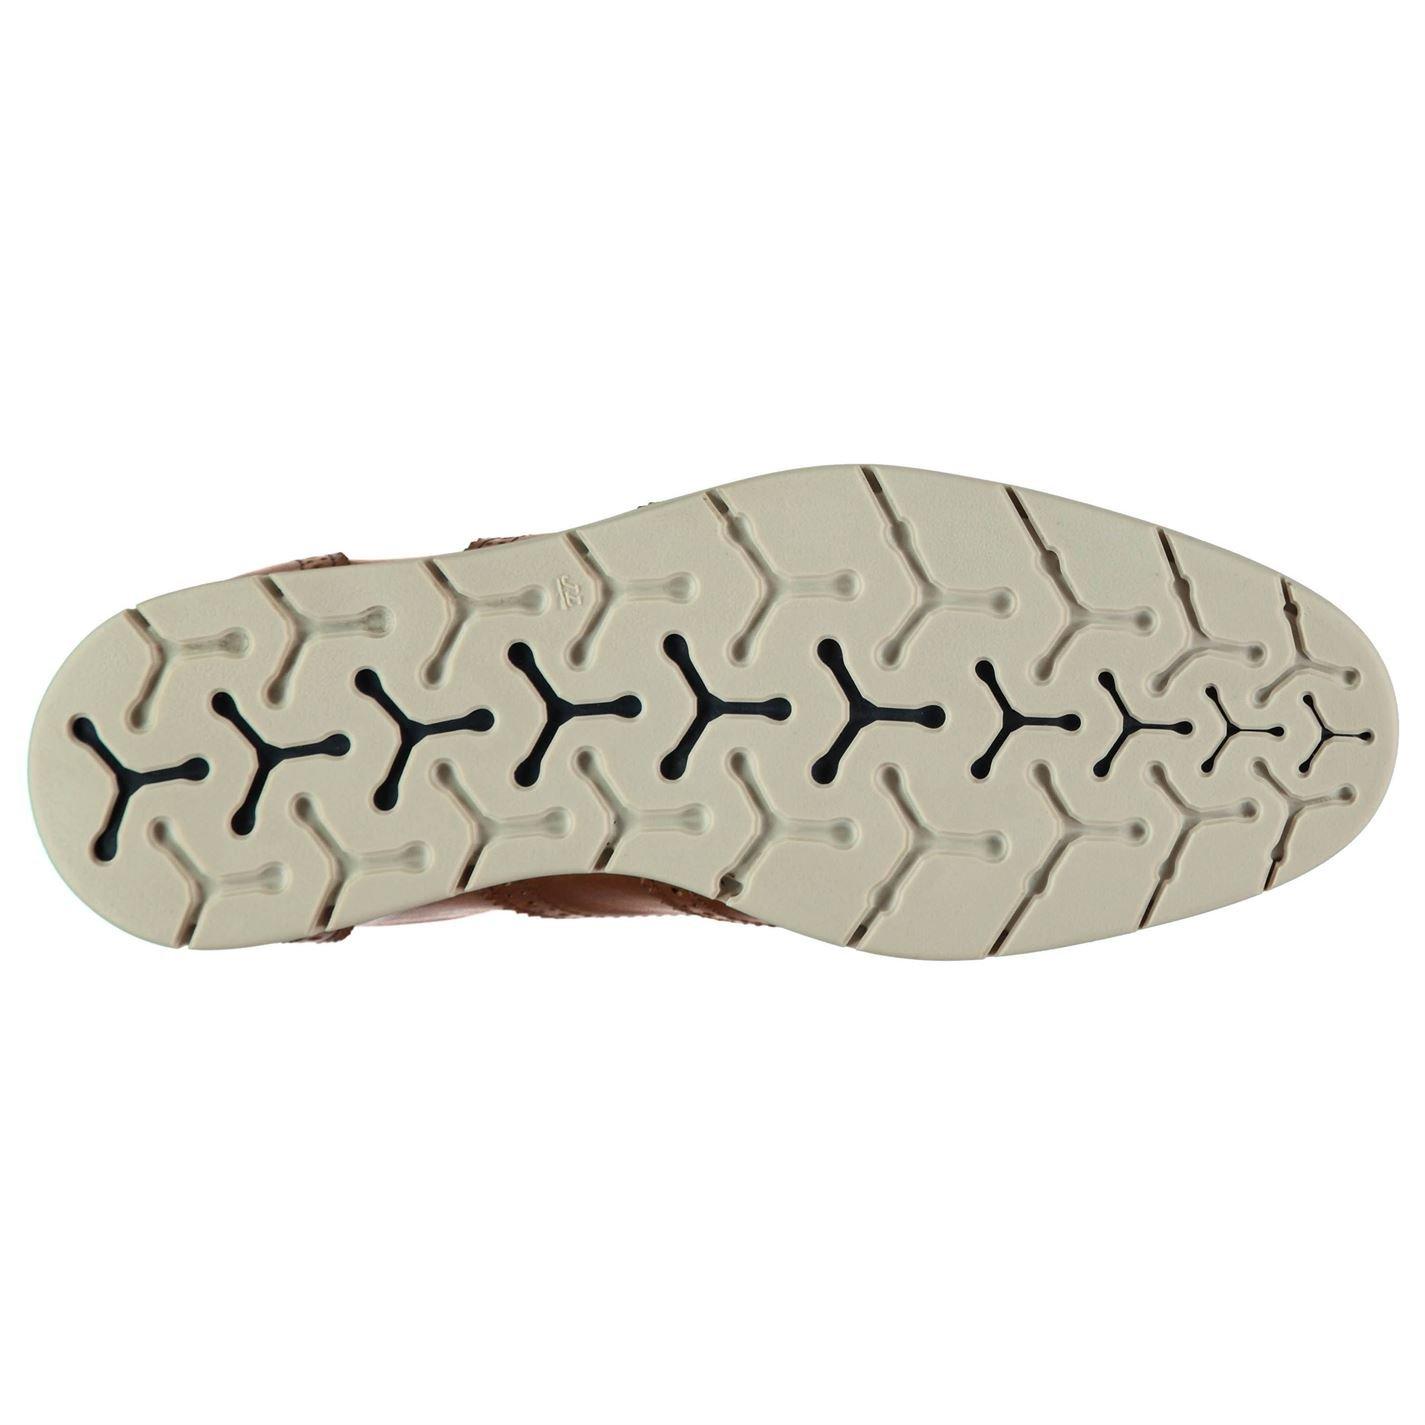 Firetrap Hombre Miller Miller Miller Bro Zapatos casuales ff61f3